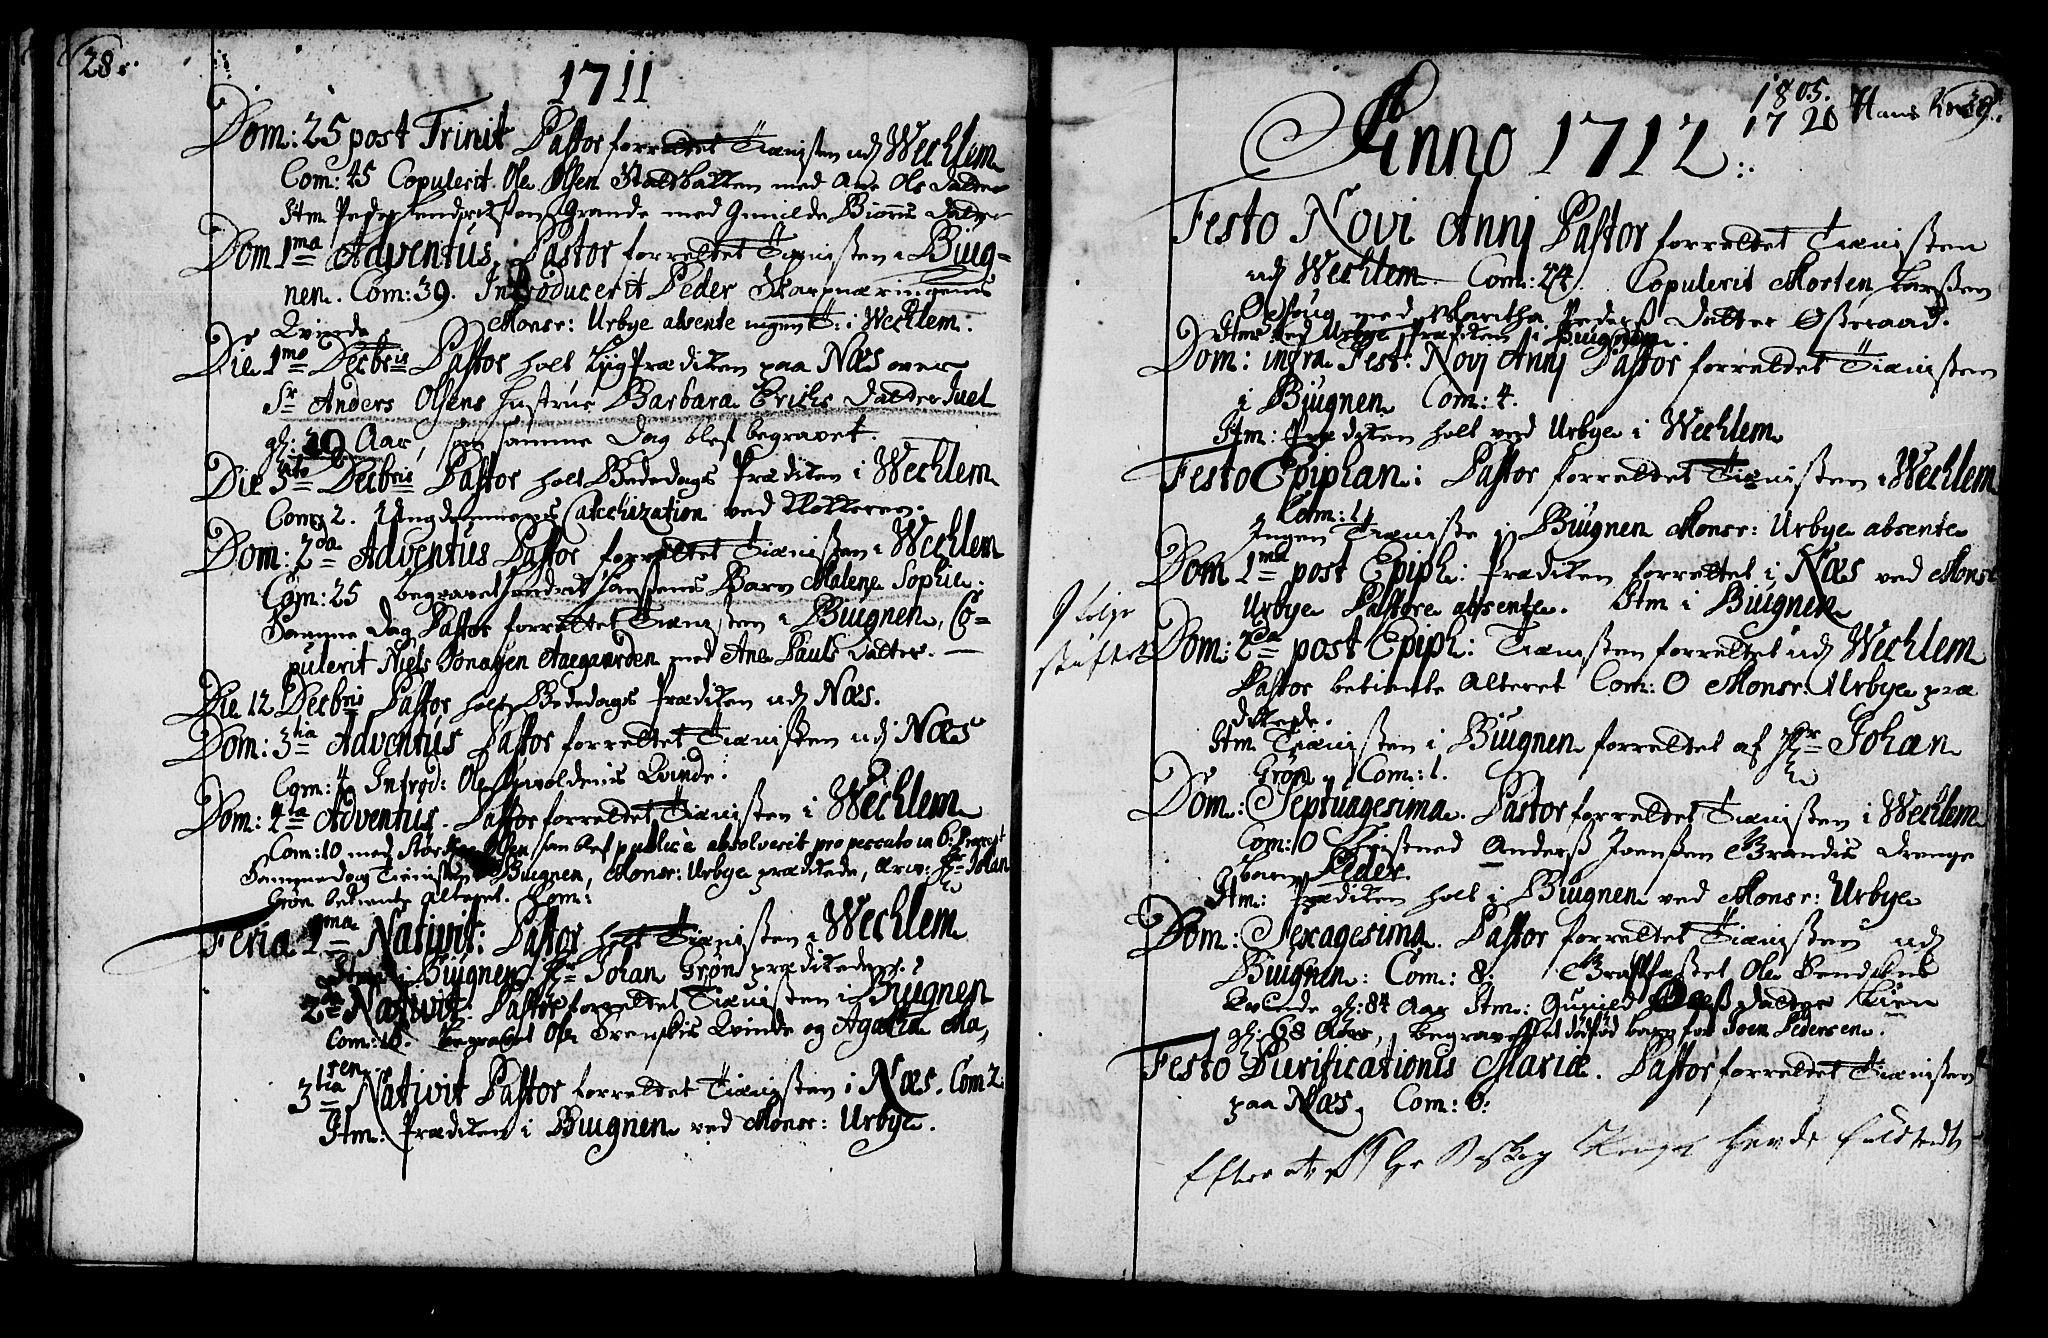 SAT, Ministerialprotokoller, klokkerbøker og fødselsregistre - Sør-Trøndelag, 659/L0731: Ministerialbok nr. 659A01, 1709-1731, s. 28-29